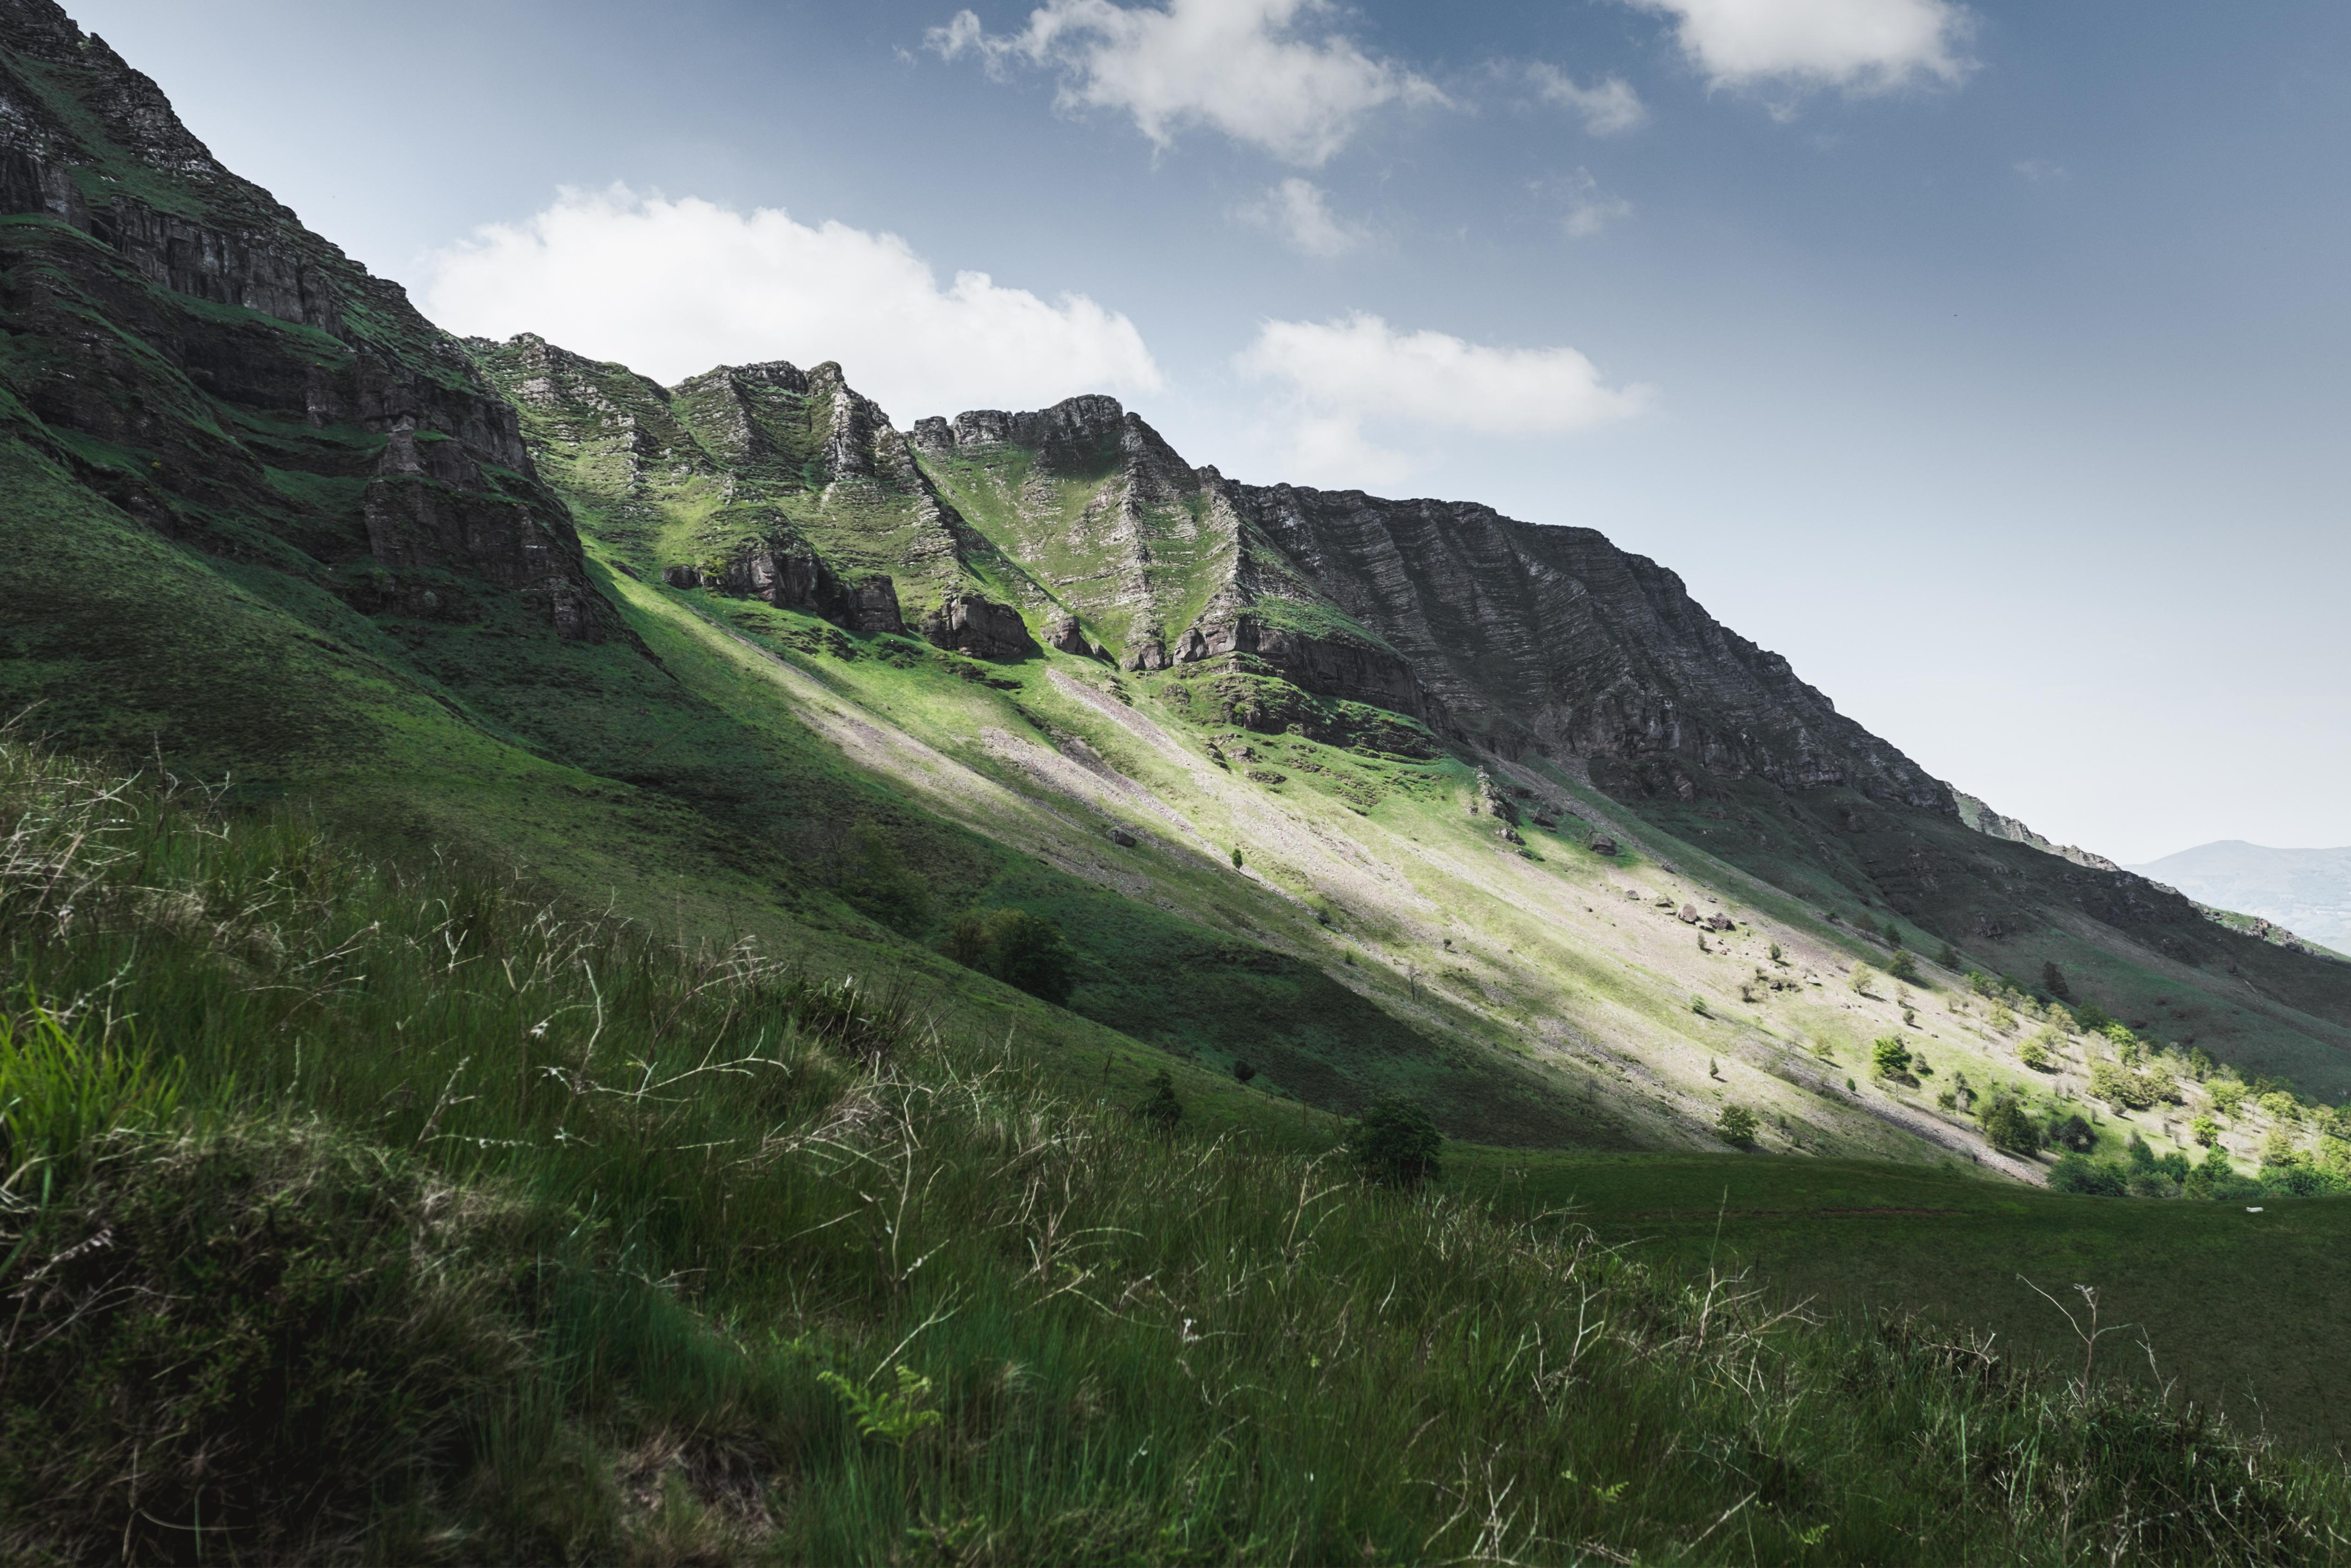 Randonnée au Pays Basque - Les crêtes d'Iparla-paysage-2